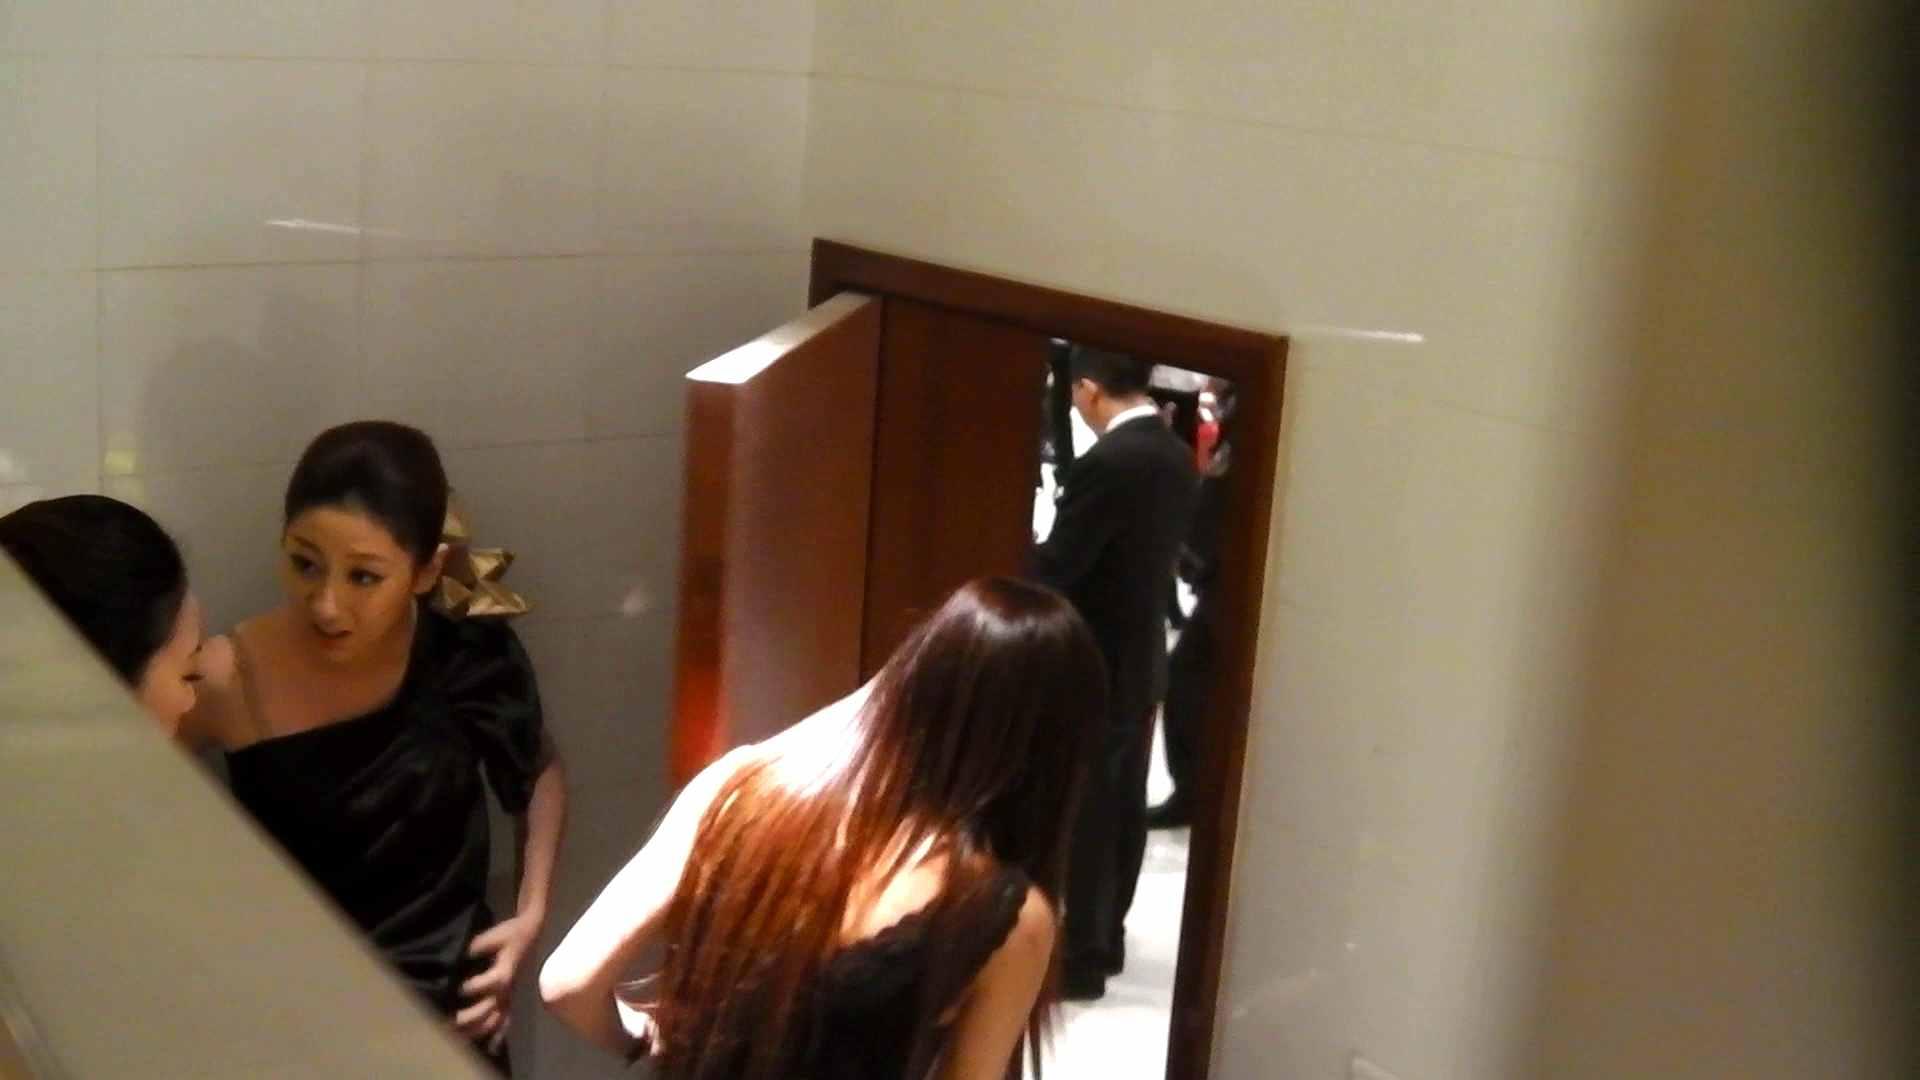 洗寿観音さんの 化粧室は四面楚歌Nol.5 洗面所  108枚 80